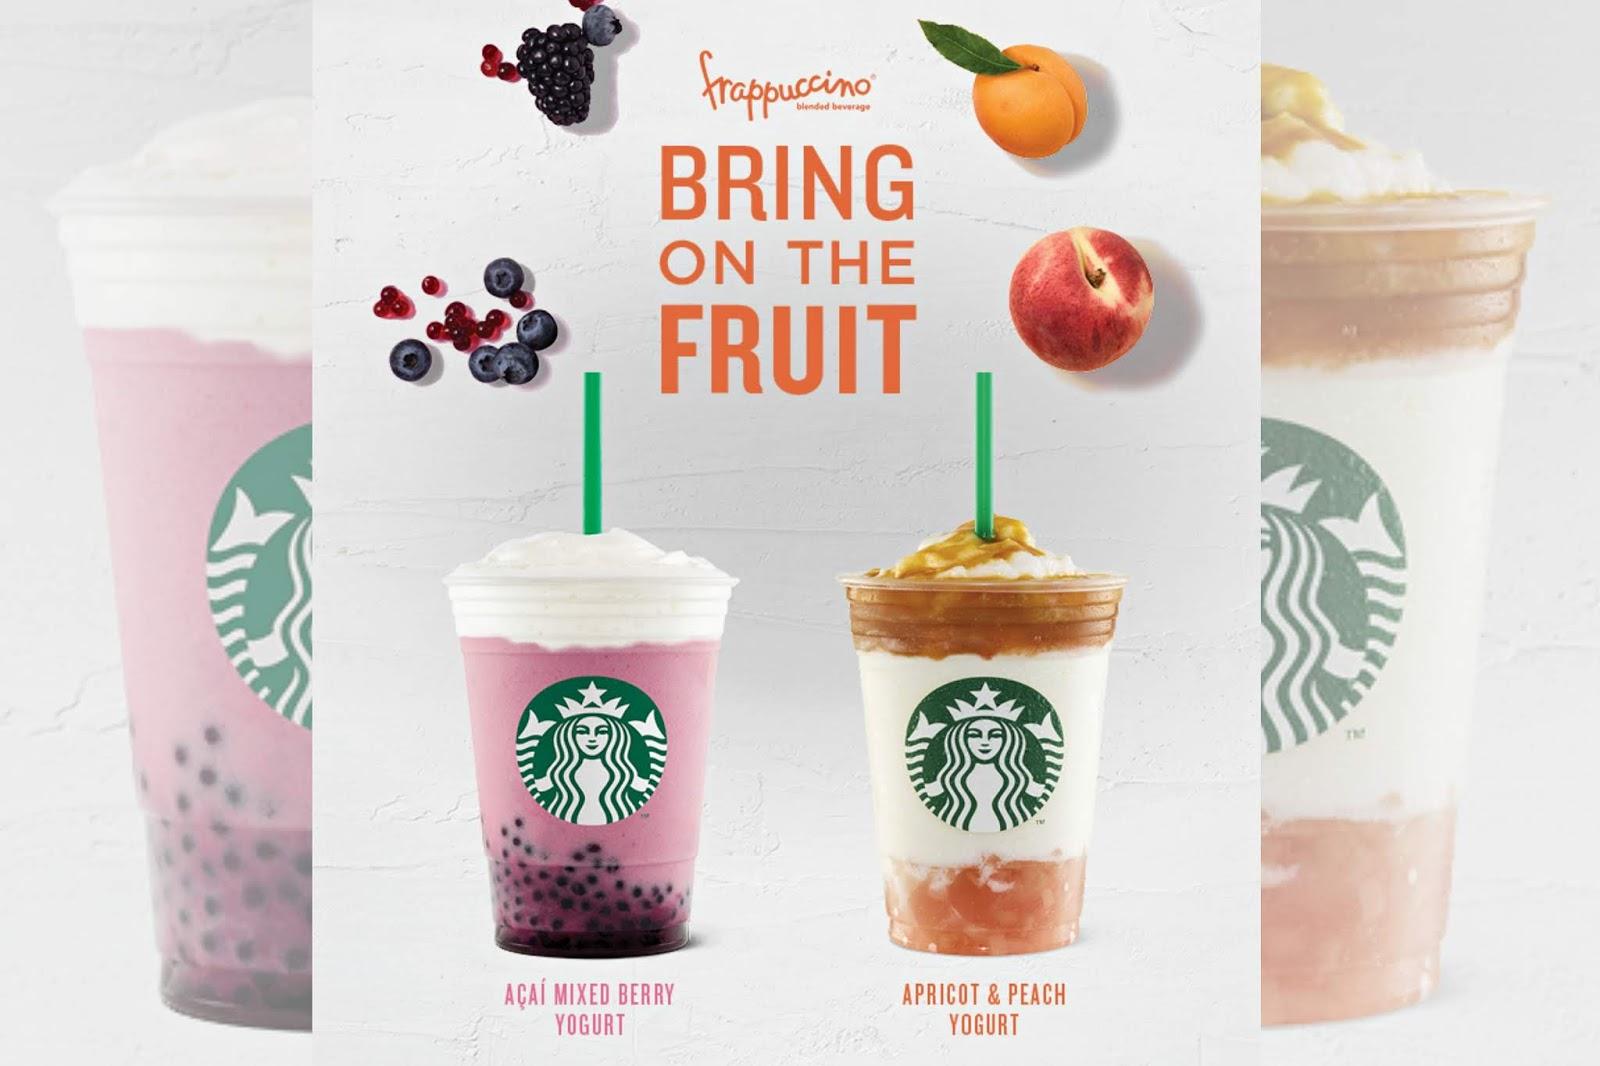 Starbucks new fruit-forward blended beverages